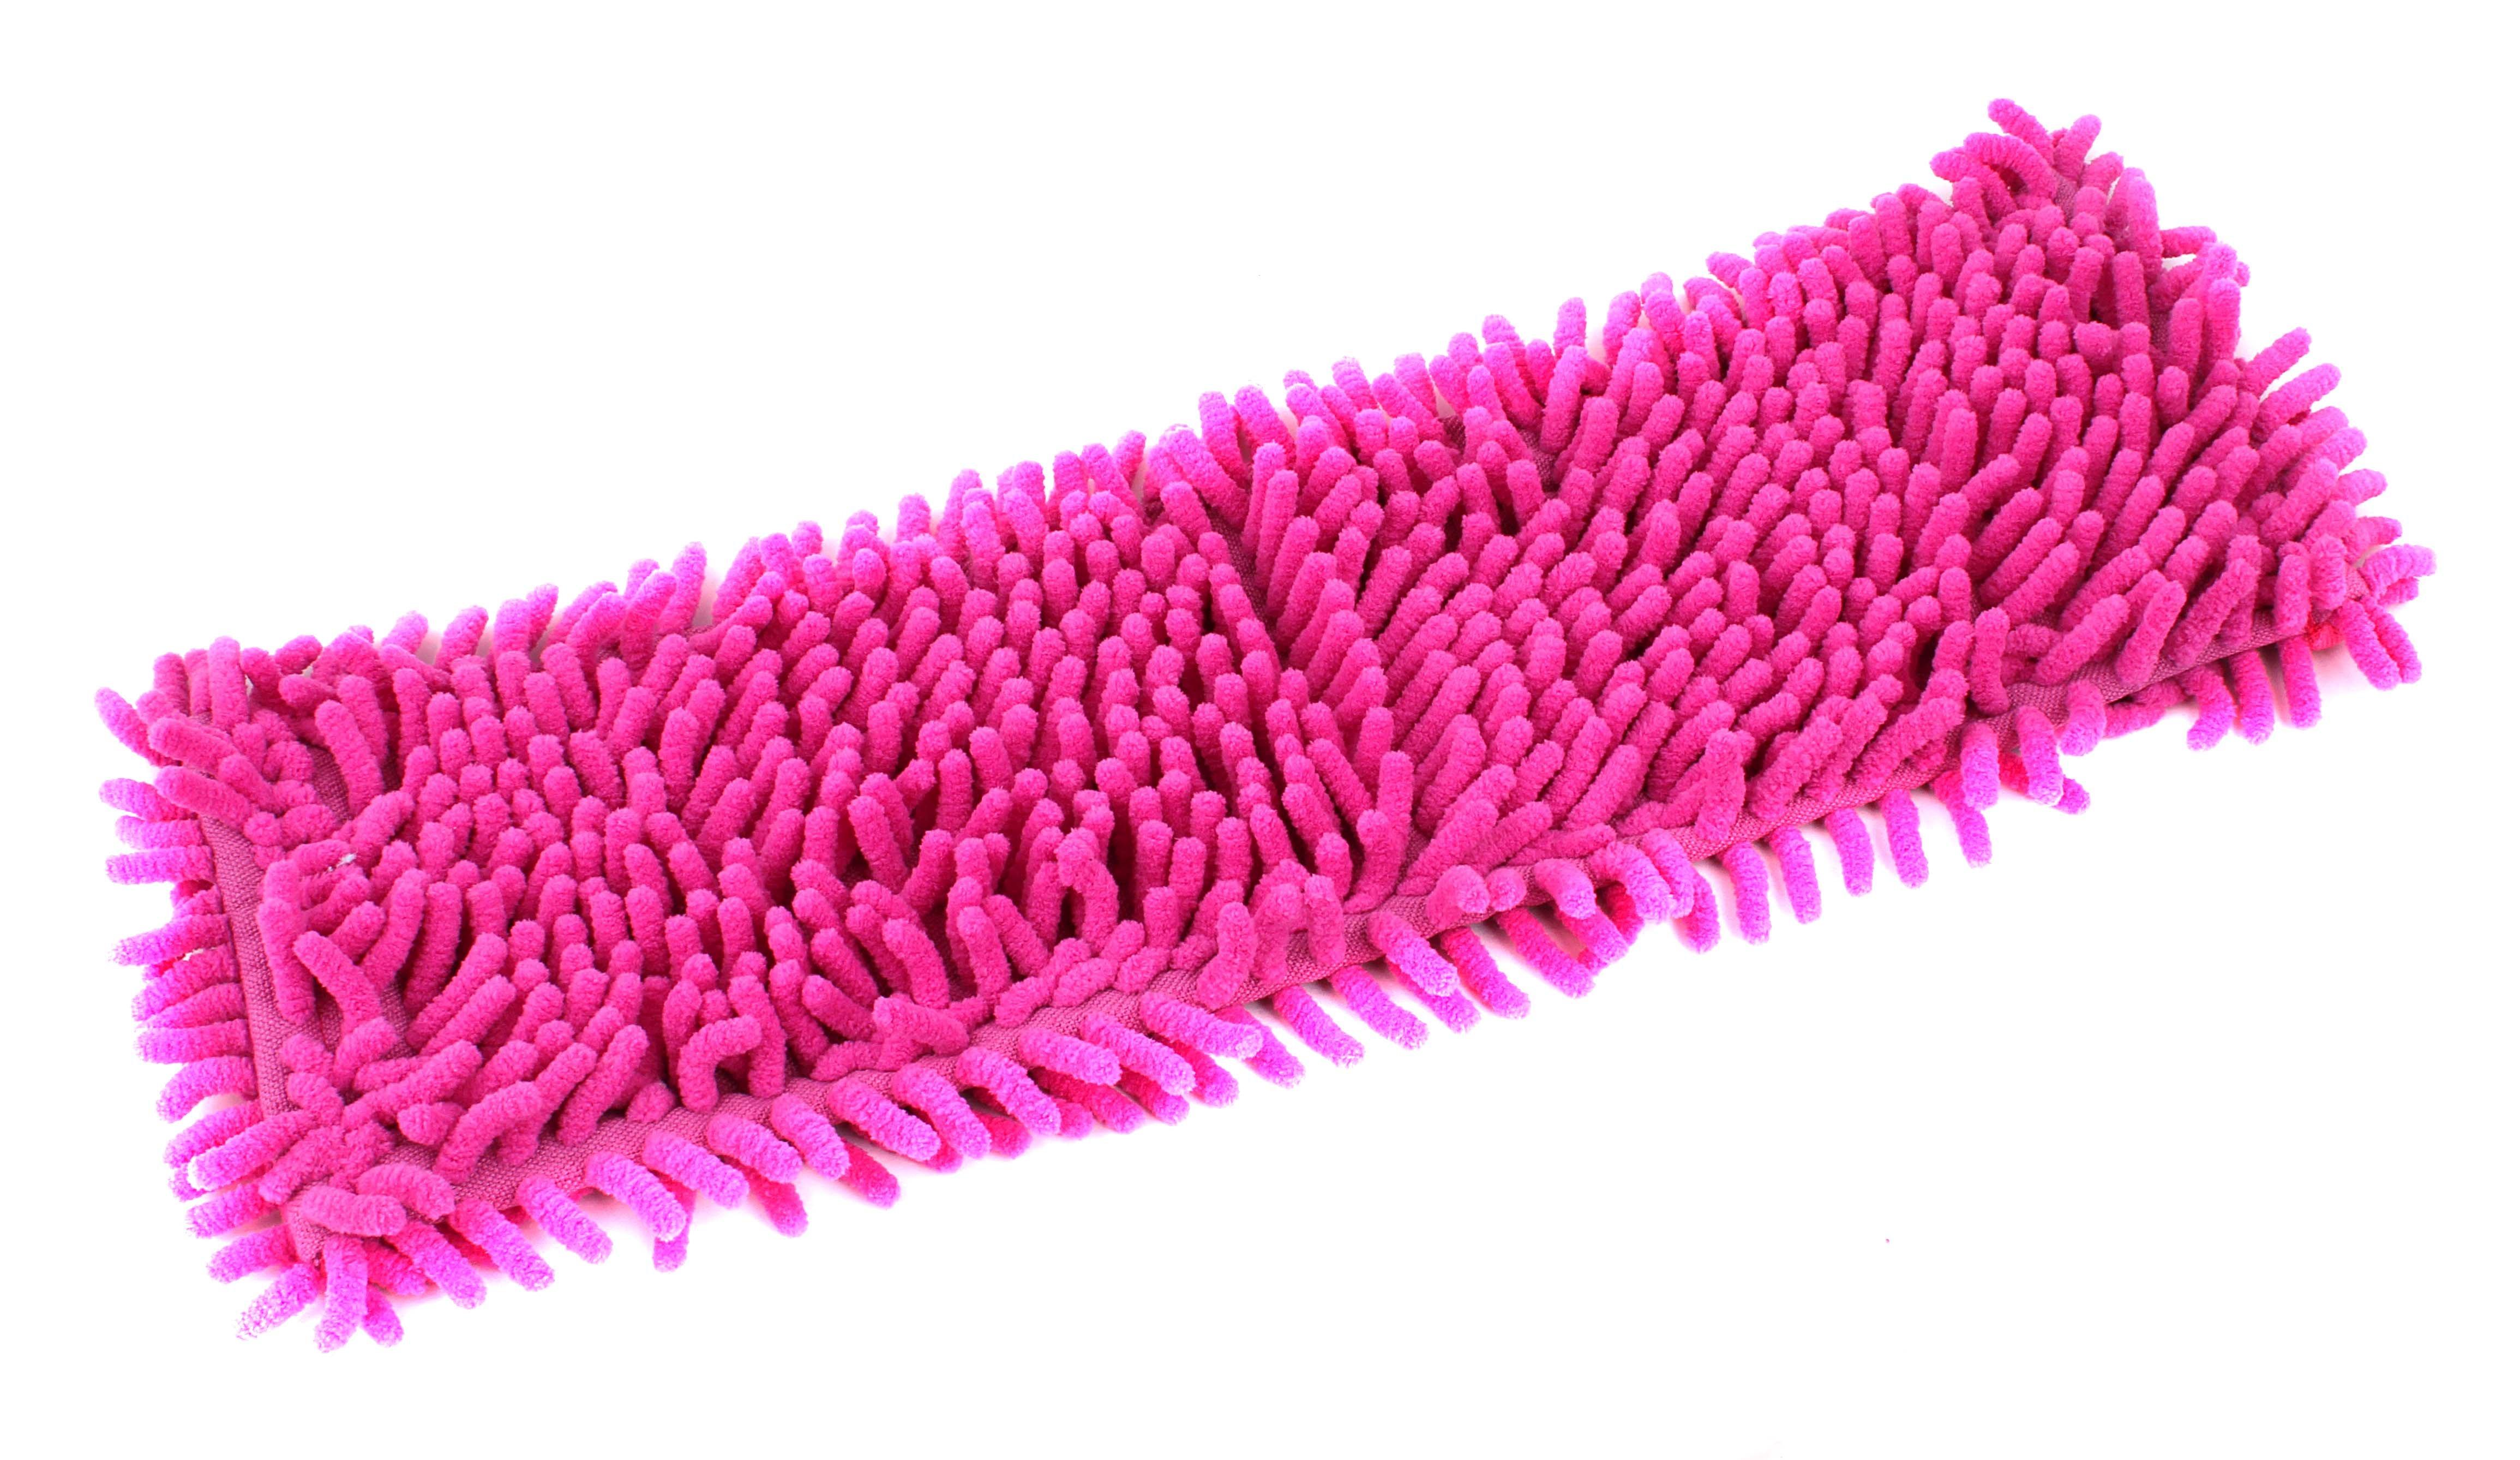 Инвентарь для уборки Рыжий кот mopm4-h насадка для швабры из микрофибры лапша (с карманами) 310362